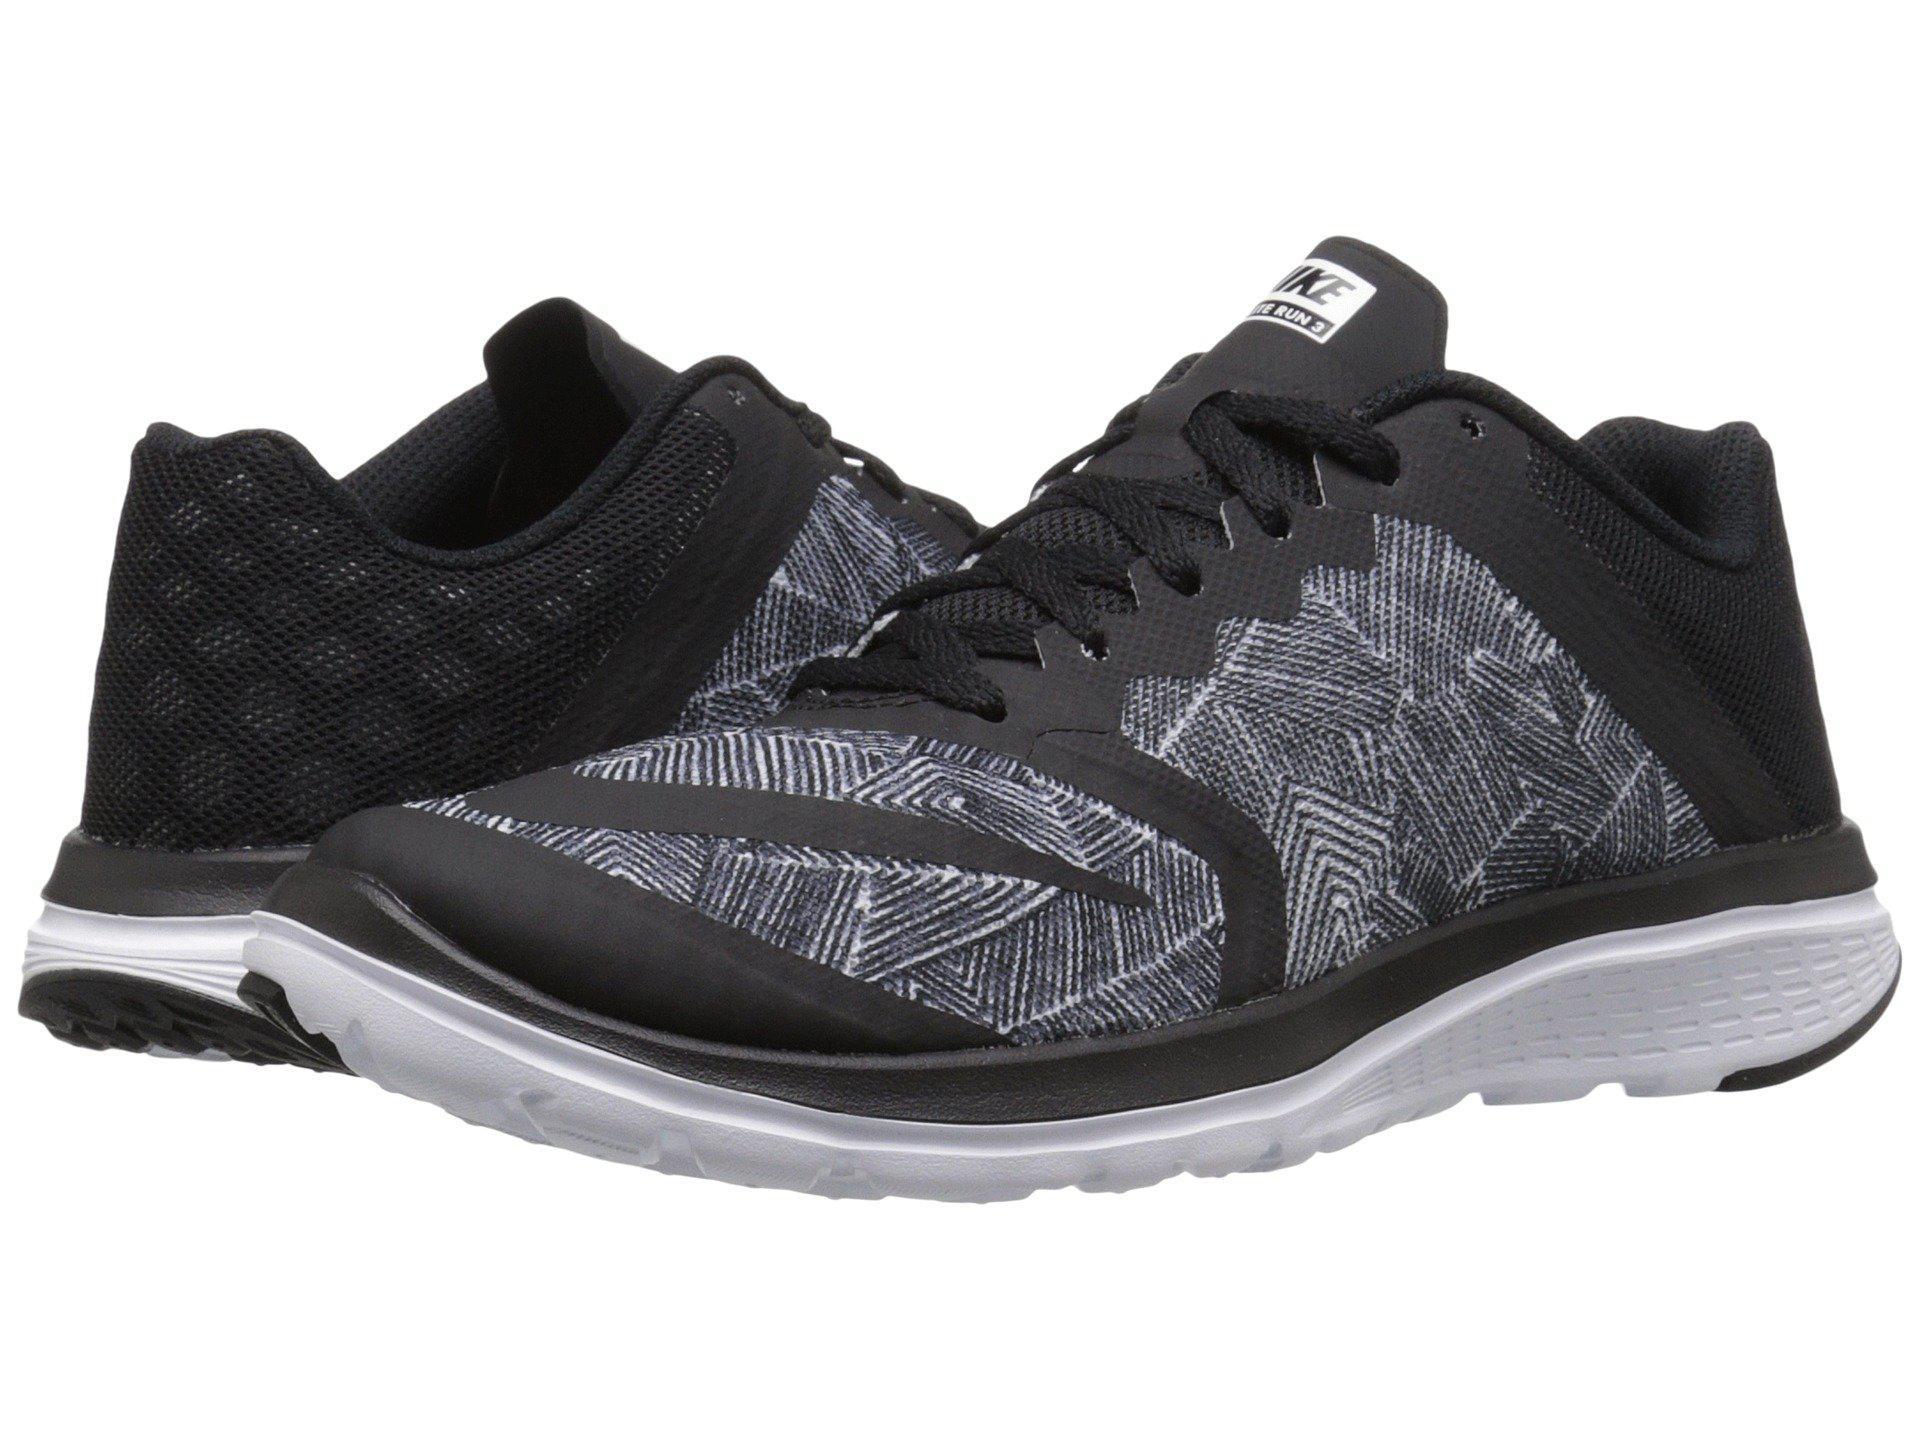 super popular 36a2e bbd86 Lyst - Nike Fs Lite Run 3 Print in Black for Men